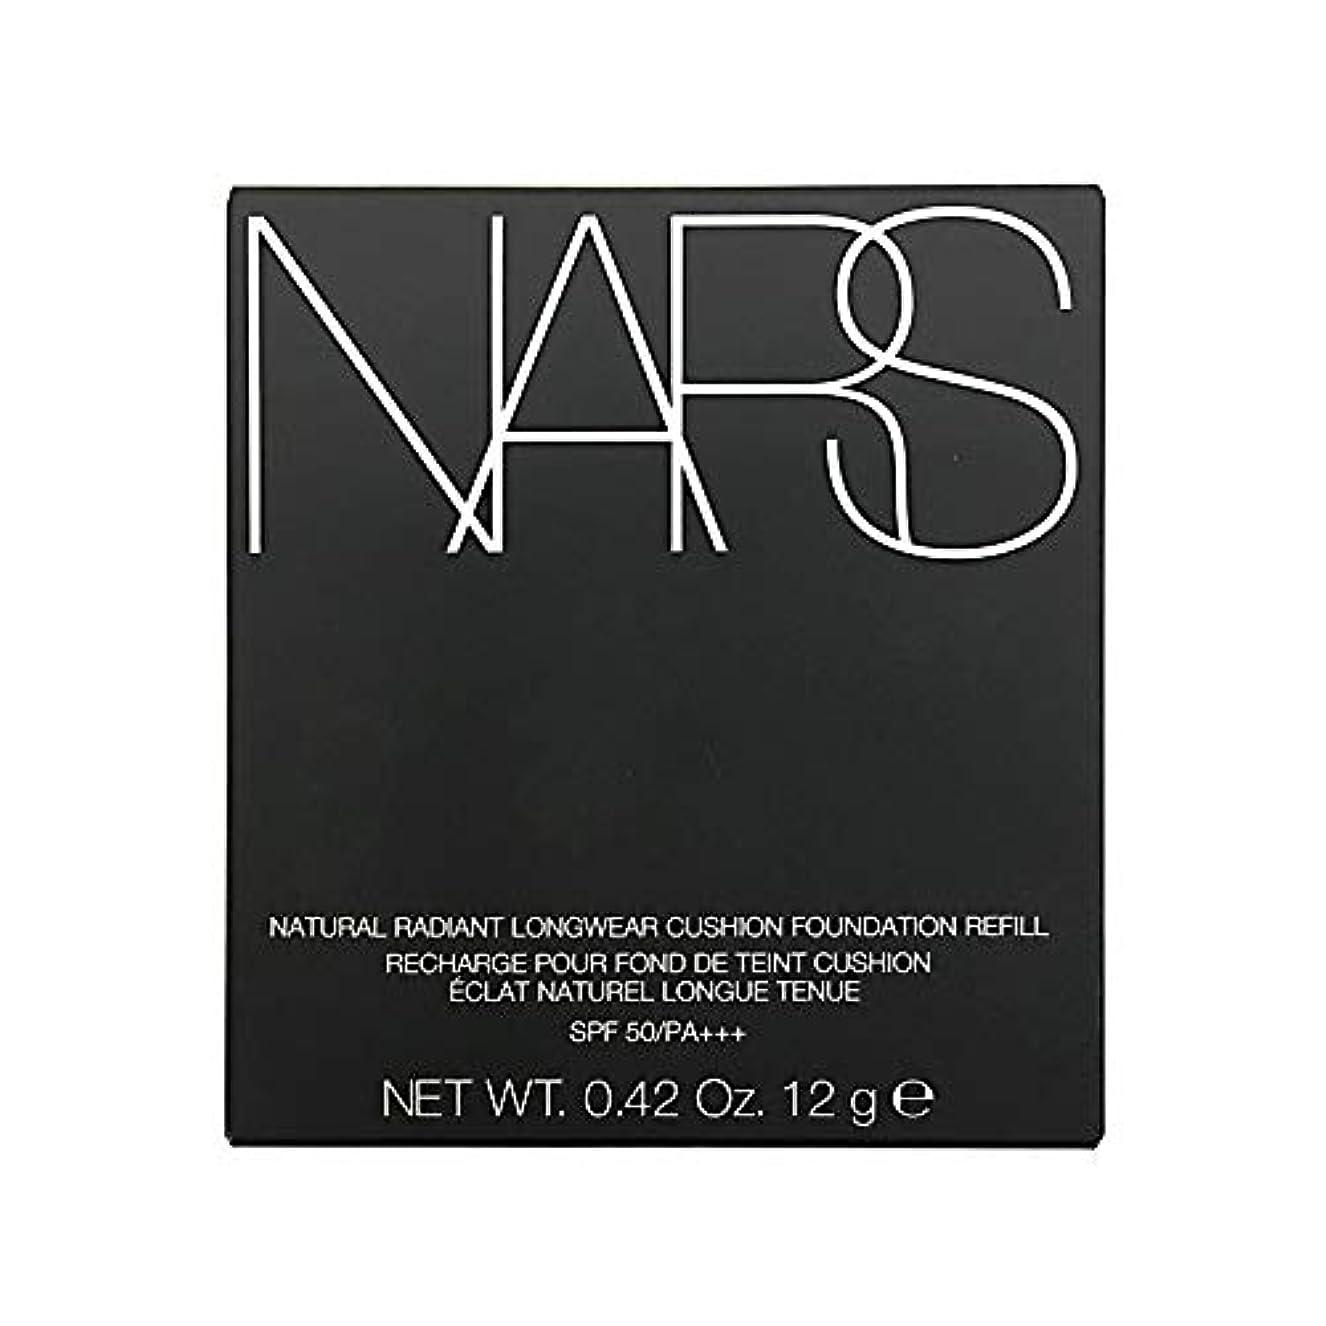 ワゴン夜明けあえてナーズ/NARS ナチュラルラディアント ロングウェア クッションファンデーション(レフィル)#5881 [ クッションファンデ ] [並行輸入品]